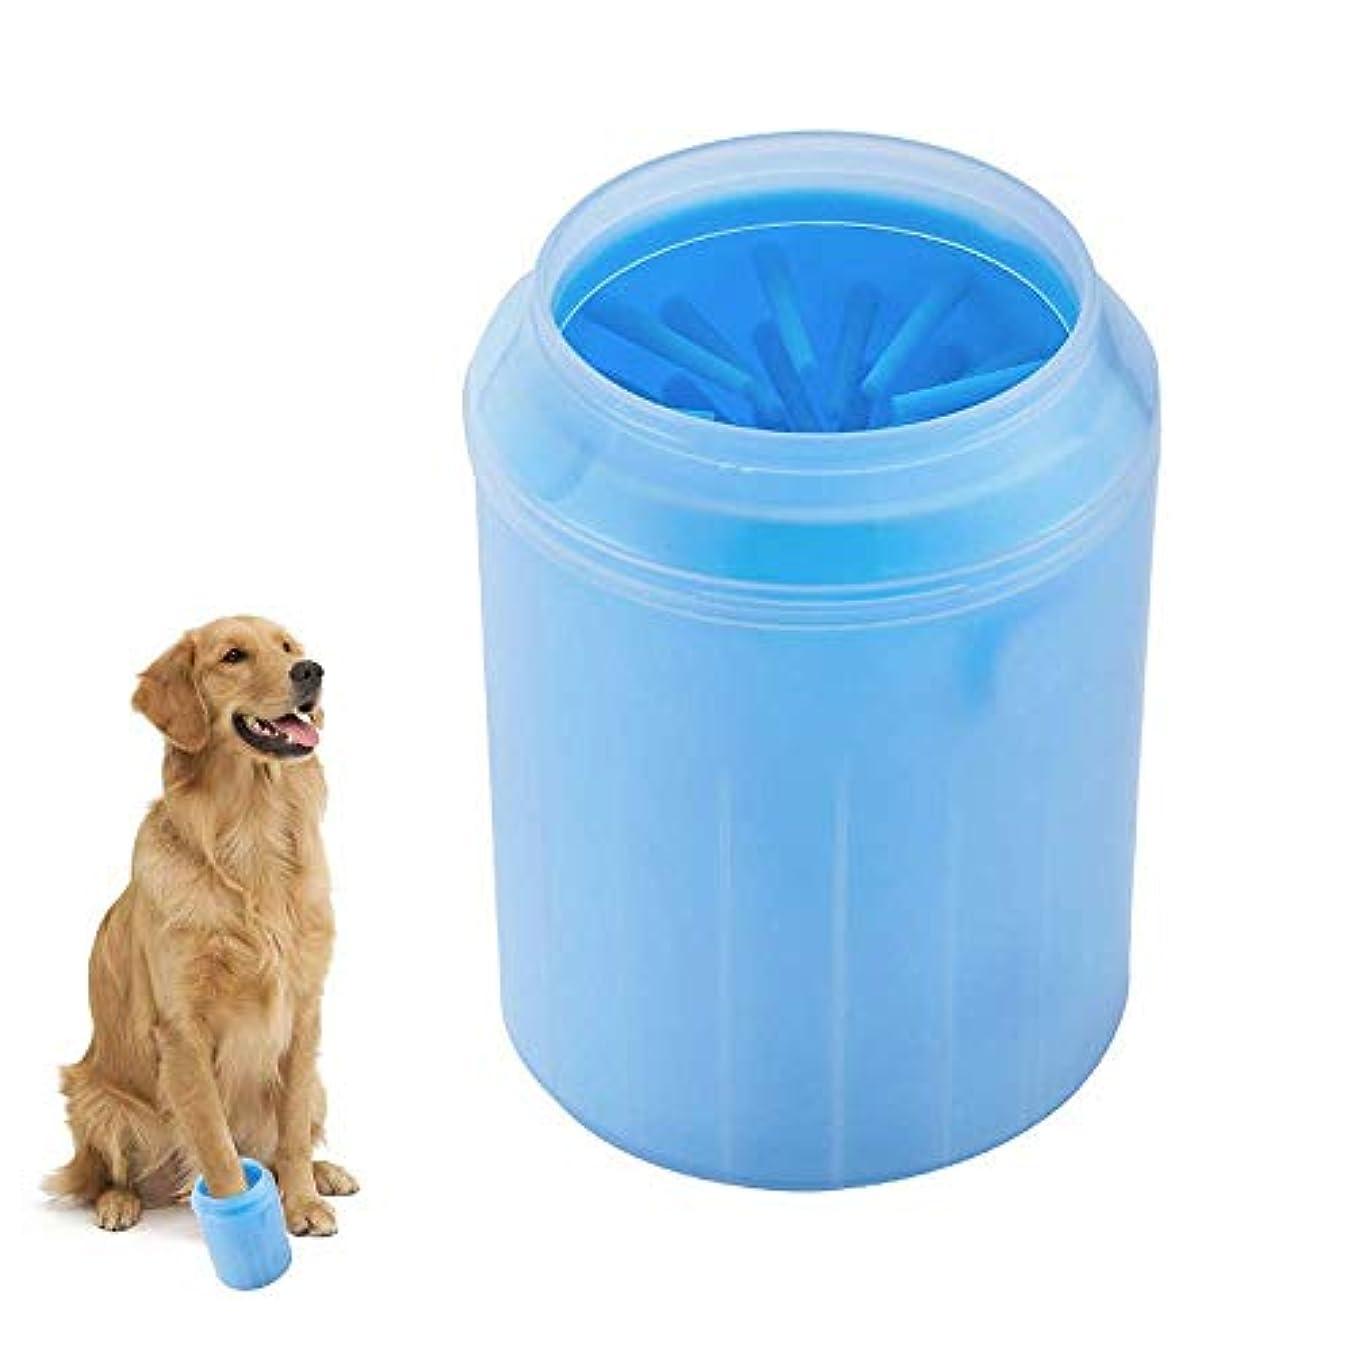 祈り信頼性のあるできるペット用 足洗いカップ 犬用 猫用 足 クリーナー 使いやすい 抗菌シリコーン製 マッサージ効果 携帯便利 小型中型大型 犬